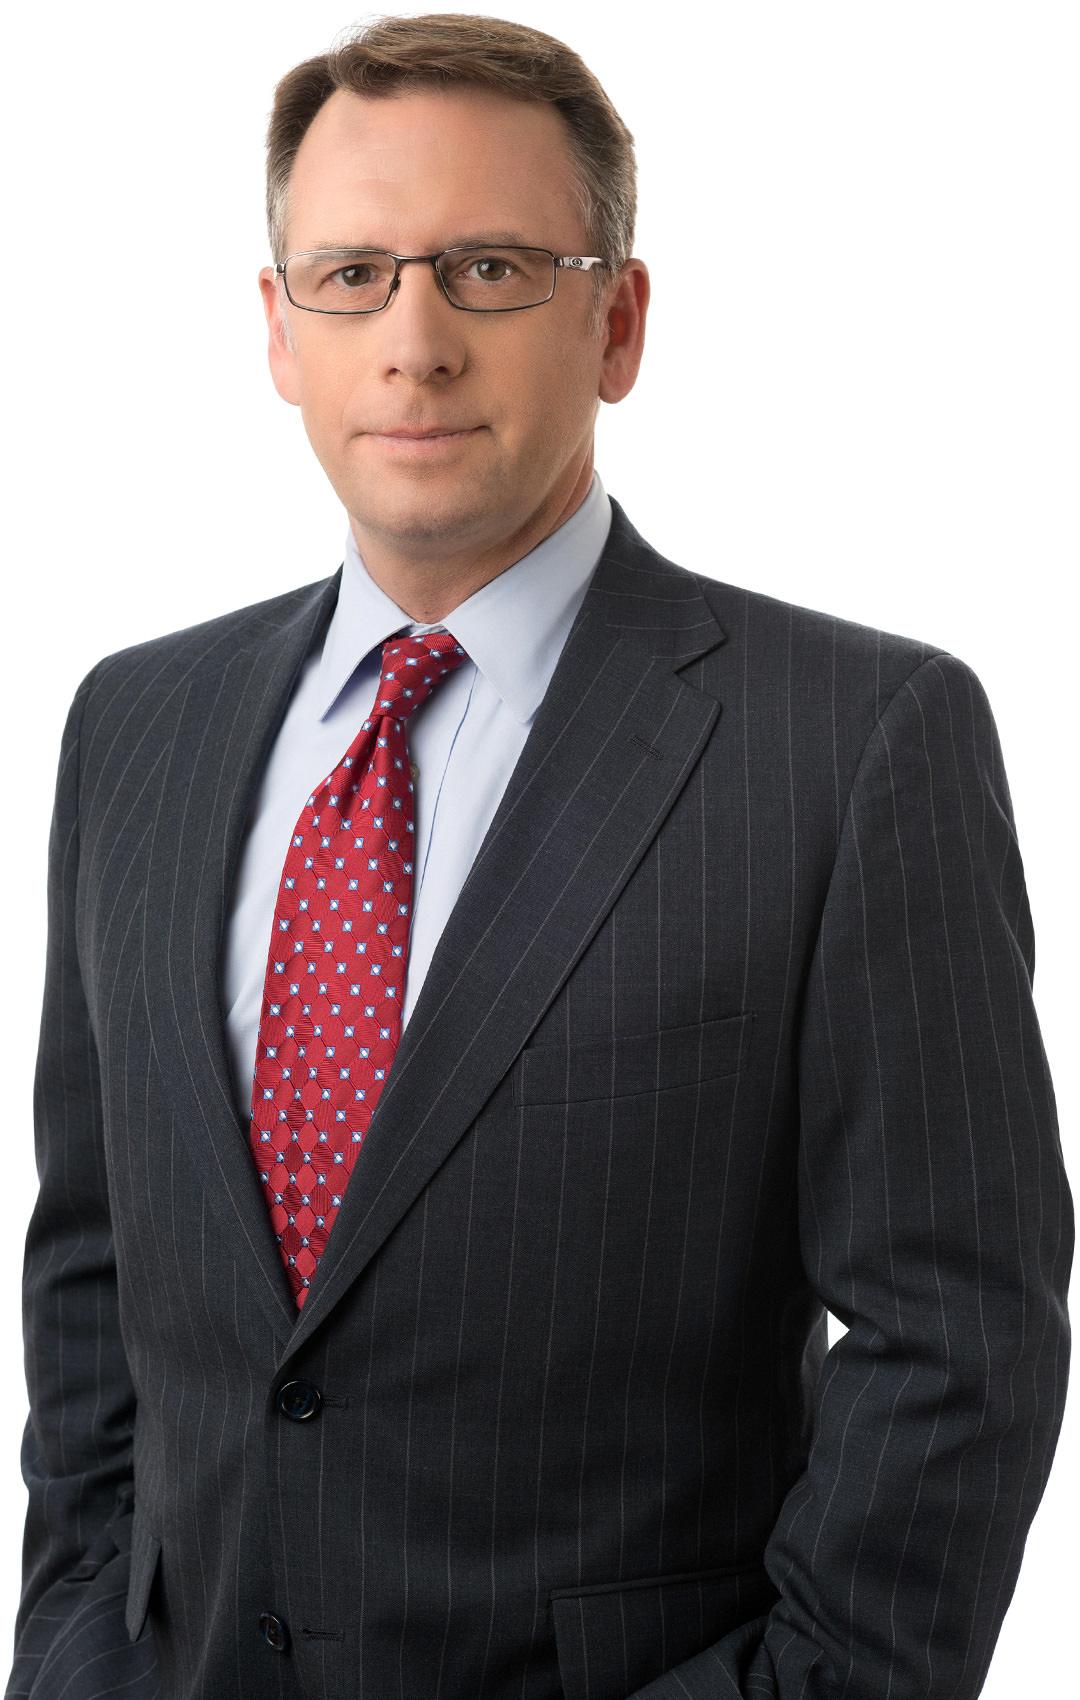 James T. Irvin III